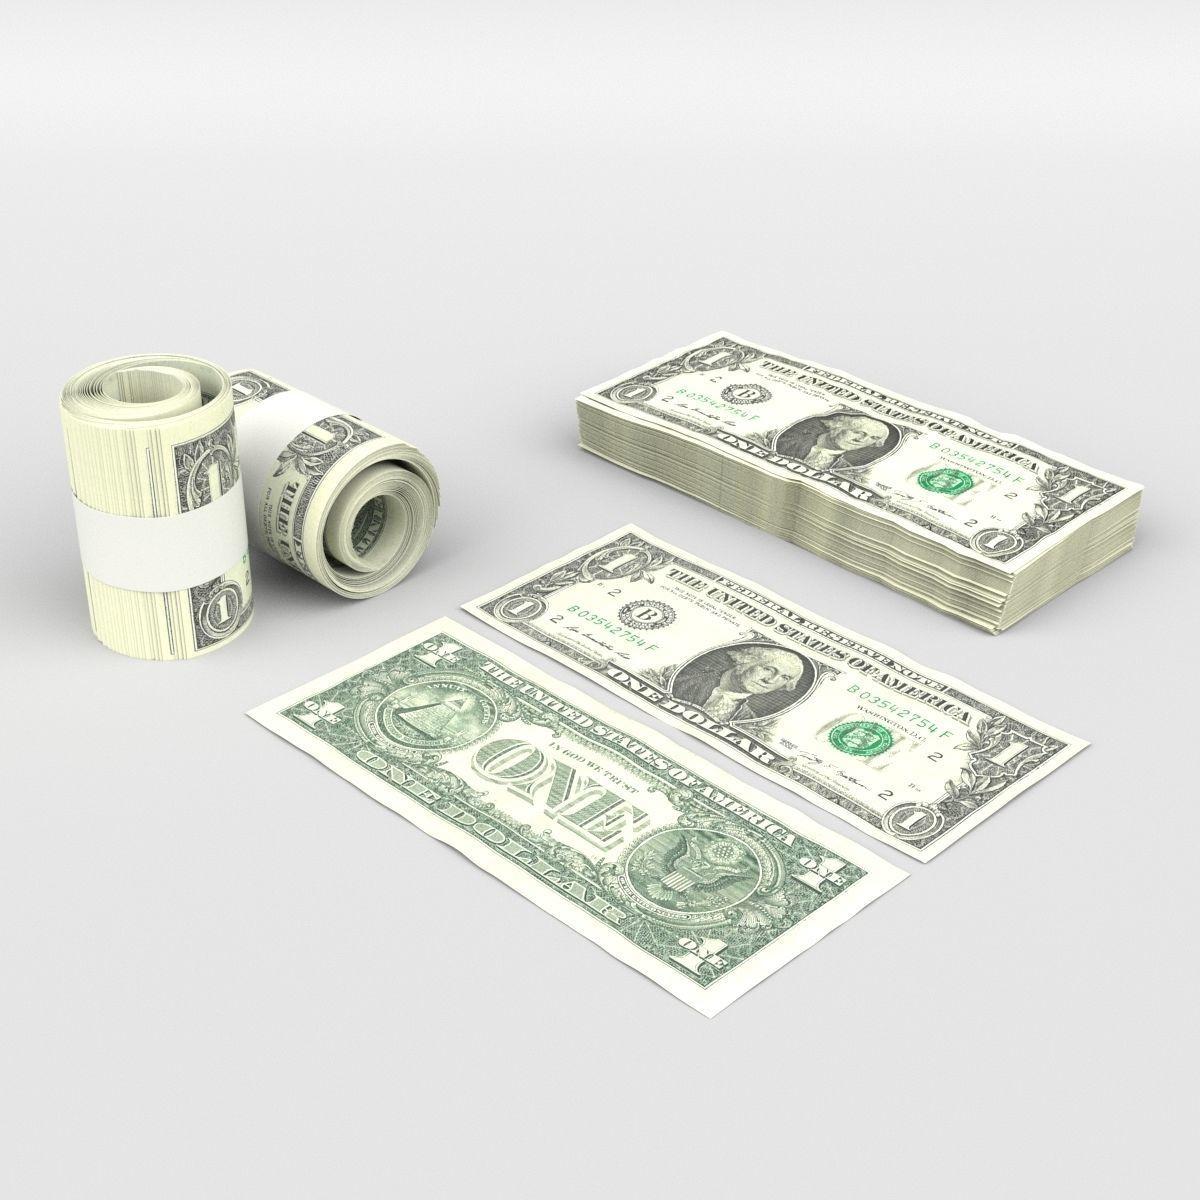 1 US Dollar